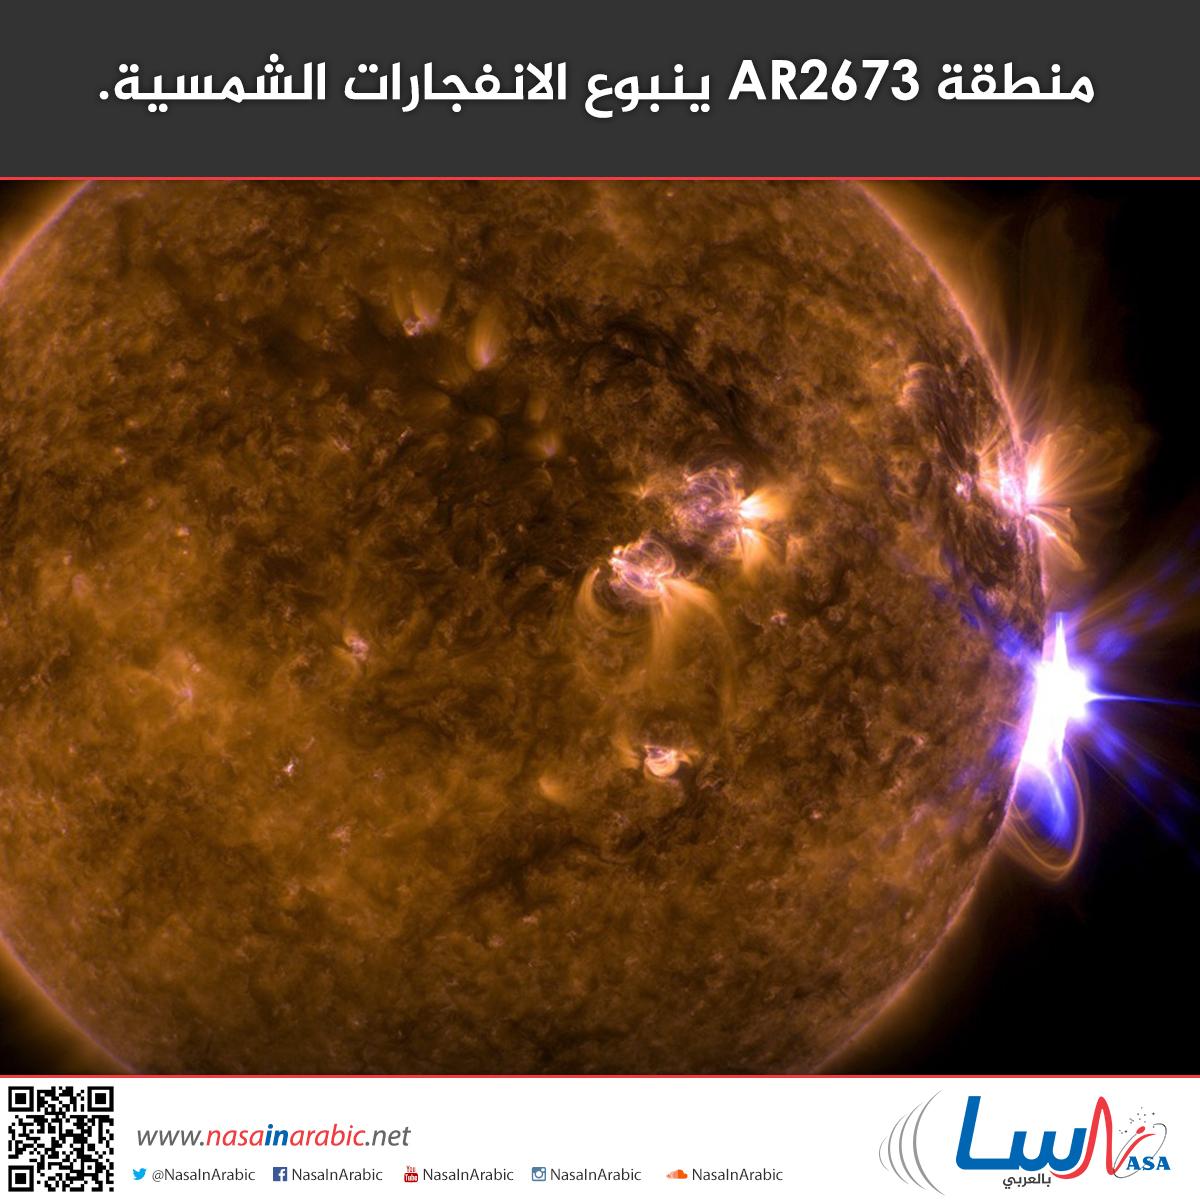 منطقة AR2673 ينبوع الانفجارات الشمسية.